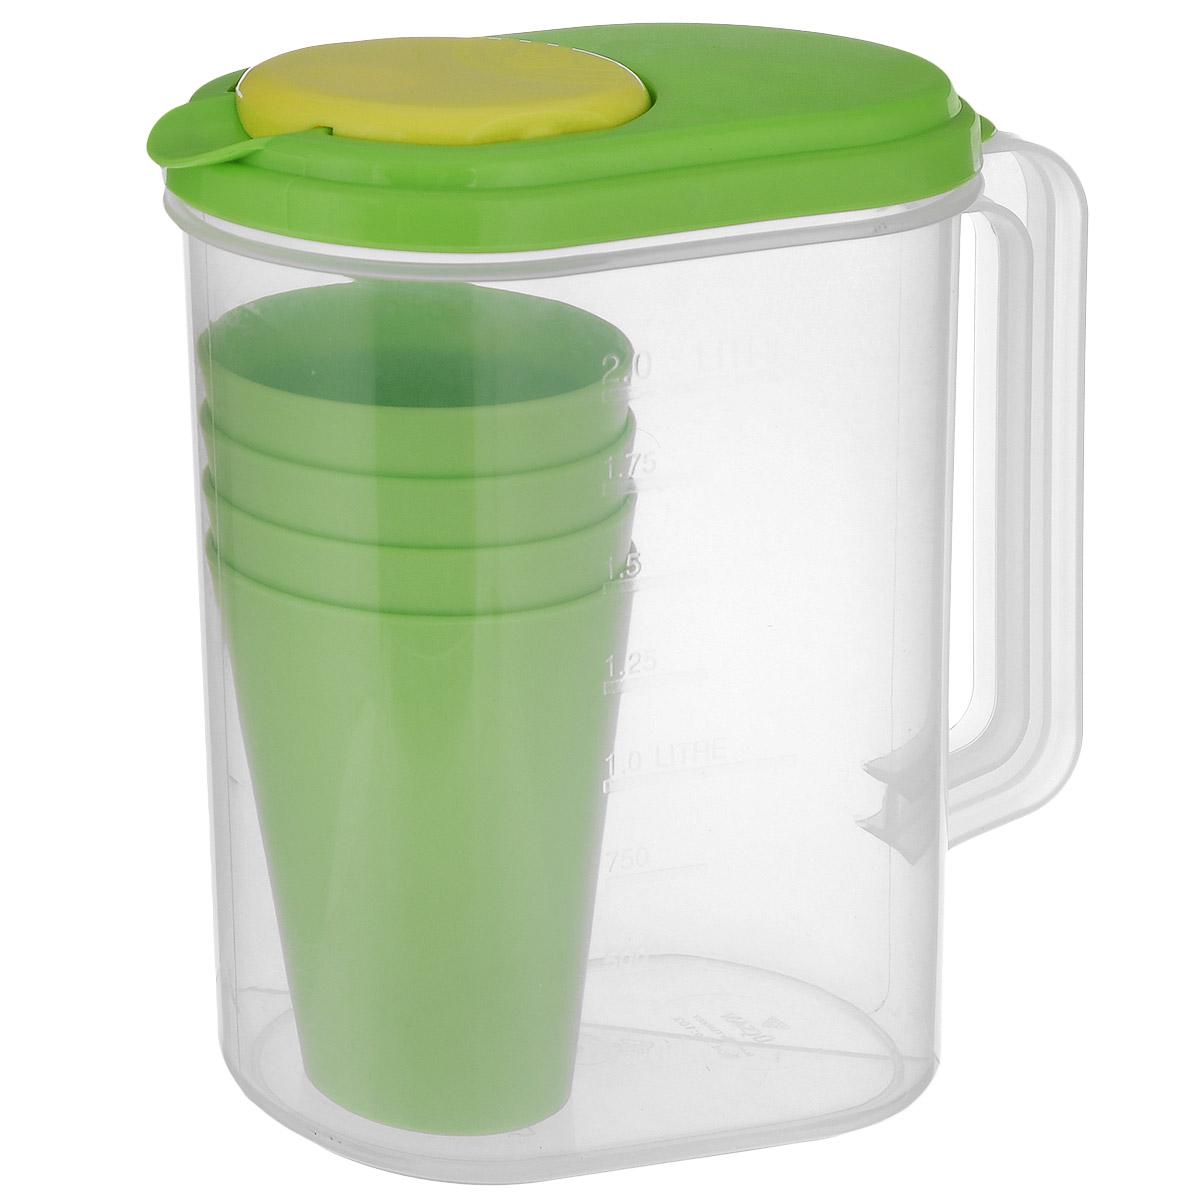 Набор Ucsan: мерный графин, 4 стакана, цвет: прозрачный, зеленыйM-600Набор Ucsan состоит из графина и 4 стаканов. Предметы набора выполнены из пищевого полипропилена. Прозрачный графин имеет удобную ручку и плотно закрывающуюся крышку, с помощью которой удобно наливать напитки. Графин можно использовать в качестве шейкера, смешать соки и напитки. На внешней стенке есть мерная шкала. Можно мыть в посудомоечной машине. Объем графина: 2 л. Размер графина (с учетом крышки, ручки и носика): 22 х 11 х 21 см. Объем стаканов: 400 мл. Диаметр стакана (по верхнему краю): 8,5 см. Диаметр основания стакана: 5,5 см. Высота: 11,5 см.